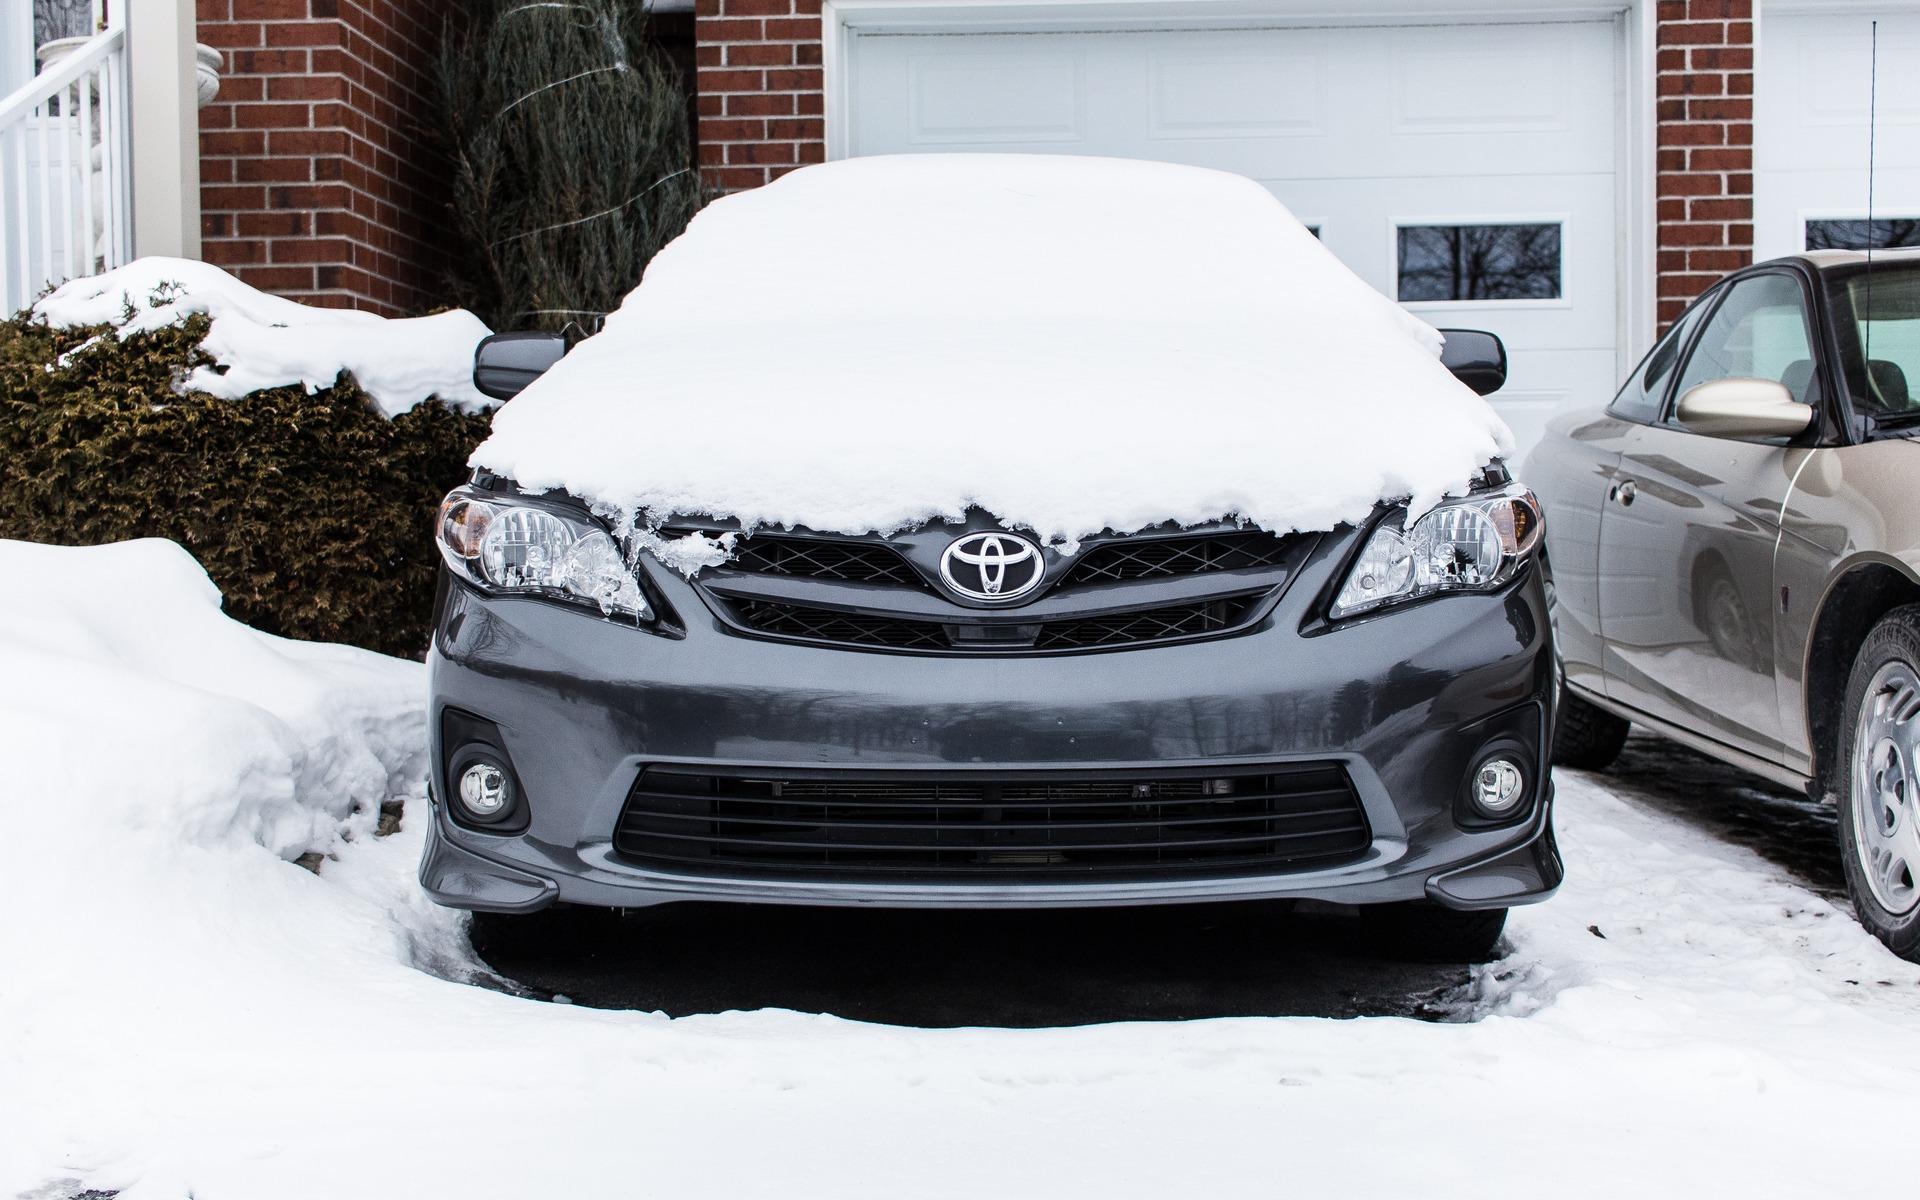 La voiture dans le garage l'hiver ou non? 225649_La_voiture_dans_le_garage_l_hiver_ou_non